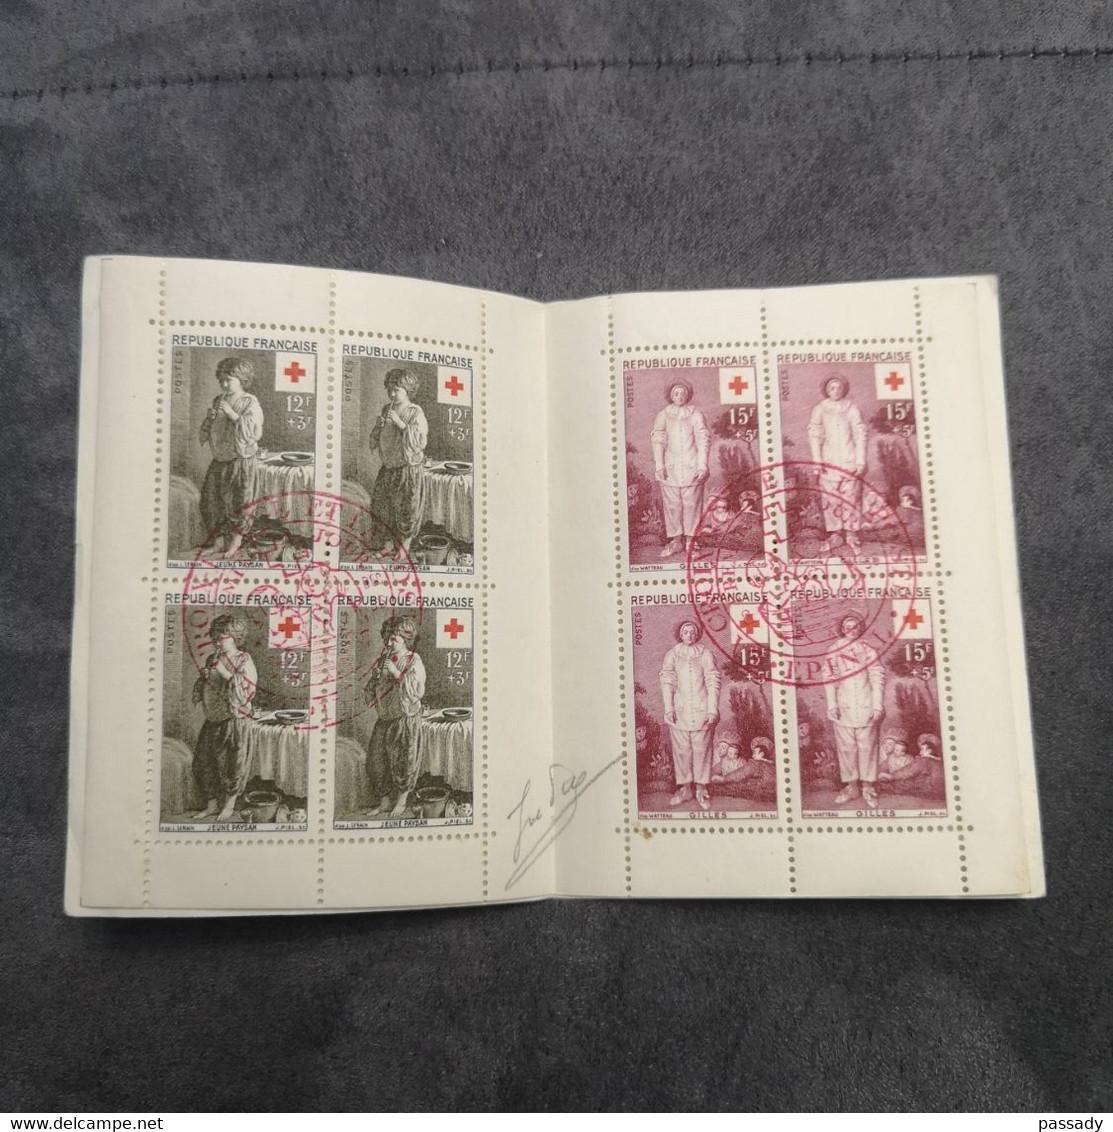 ⭐ Carnet CROIX-ROUGE 1956, Timbres Oblitérés 1er Jour 2 Tampons Signé Excellent État ⭐ Collection Timbre Poste - Red Cross